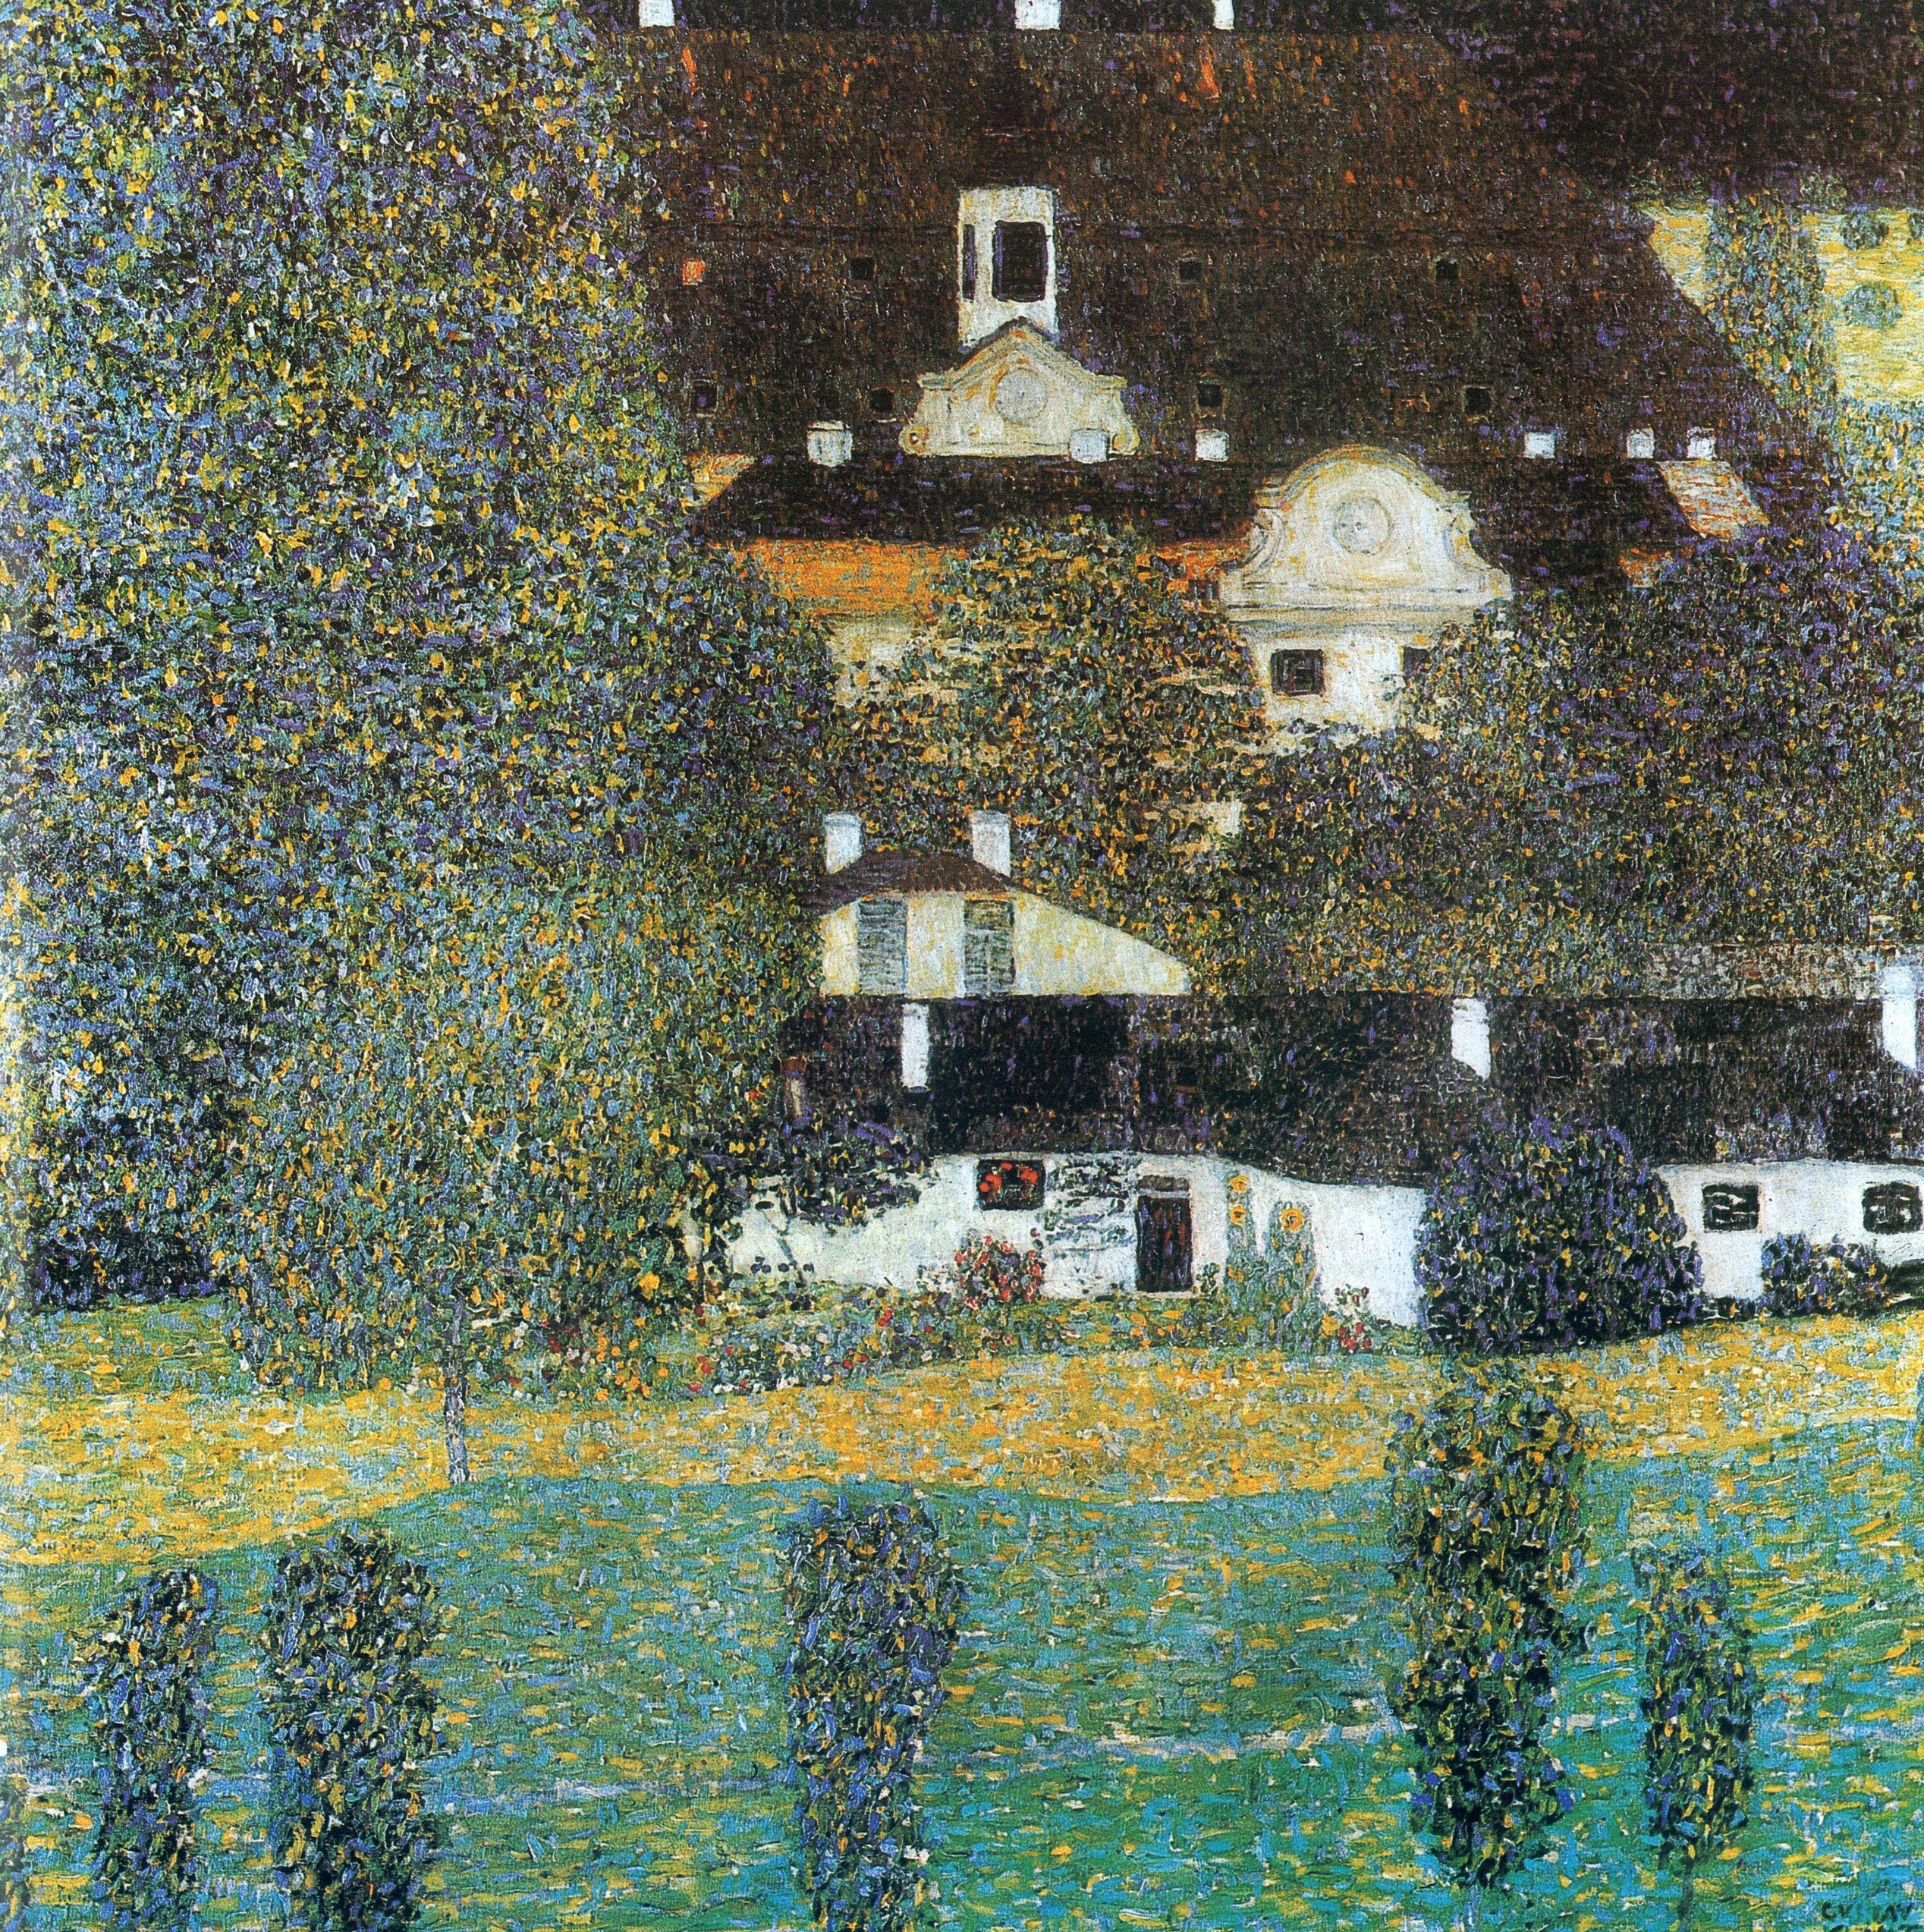 Schloss Kammer Am Attersee Ii Gustav Klimt Klimt Art Gustav Klimt Art Klimt Paintings